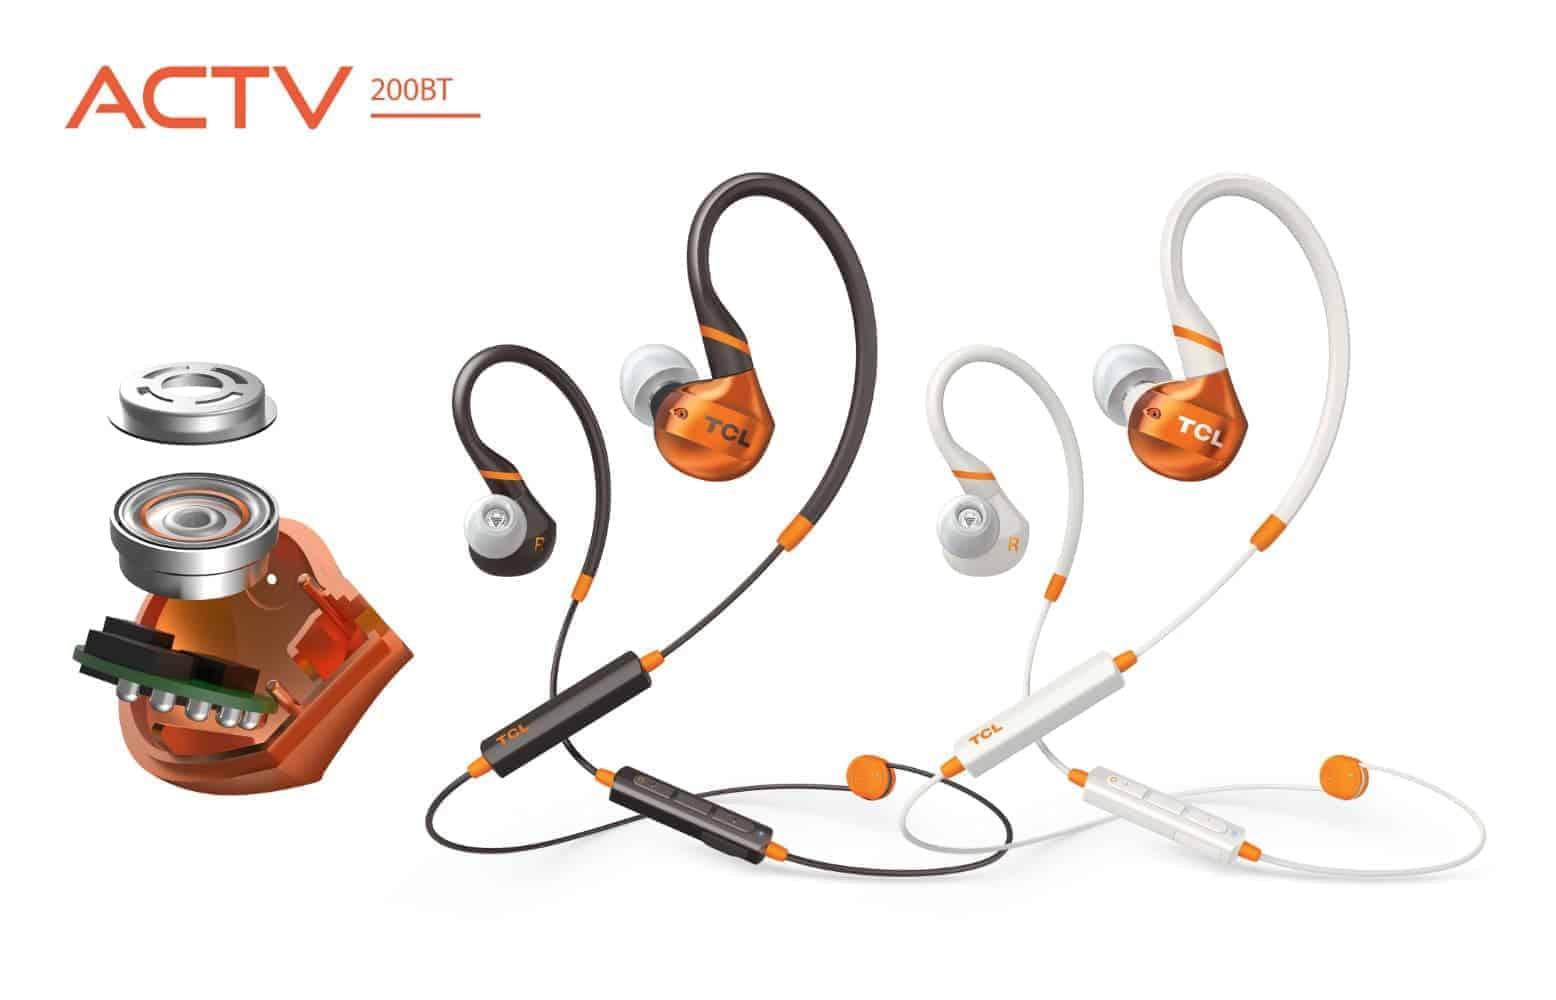 ACTV200BT 03 TCL smart device